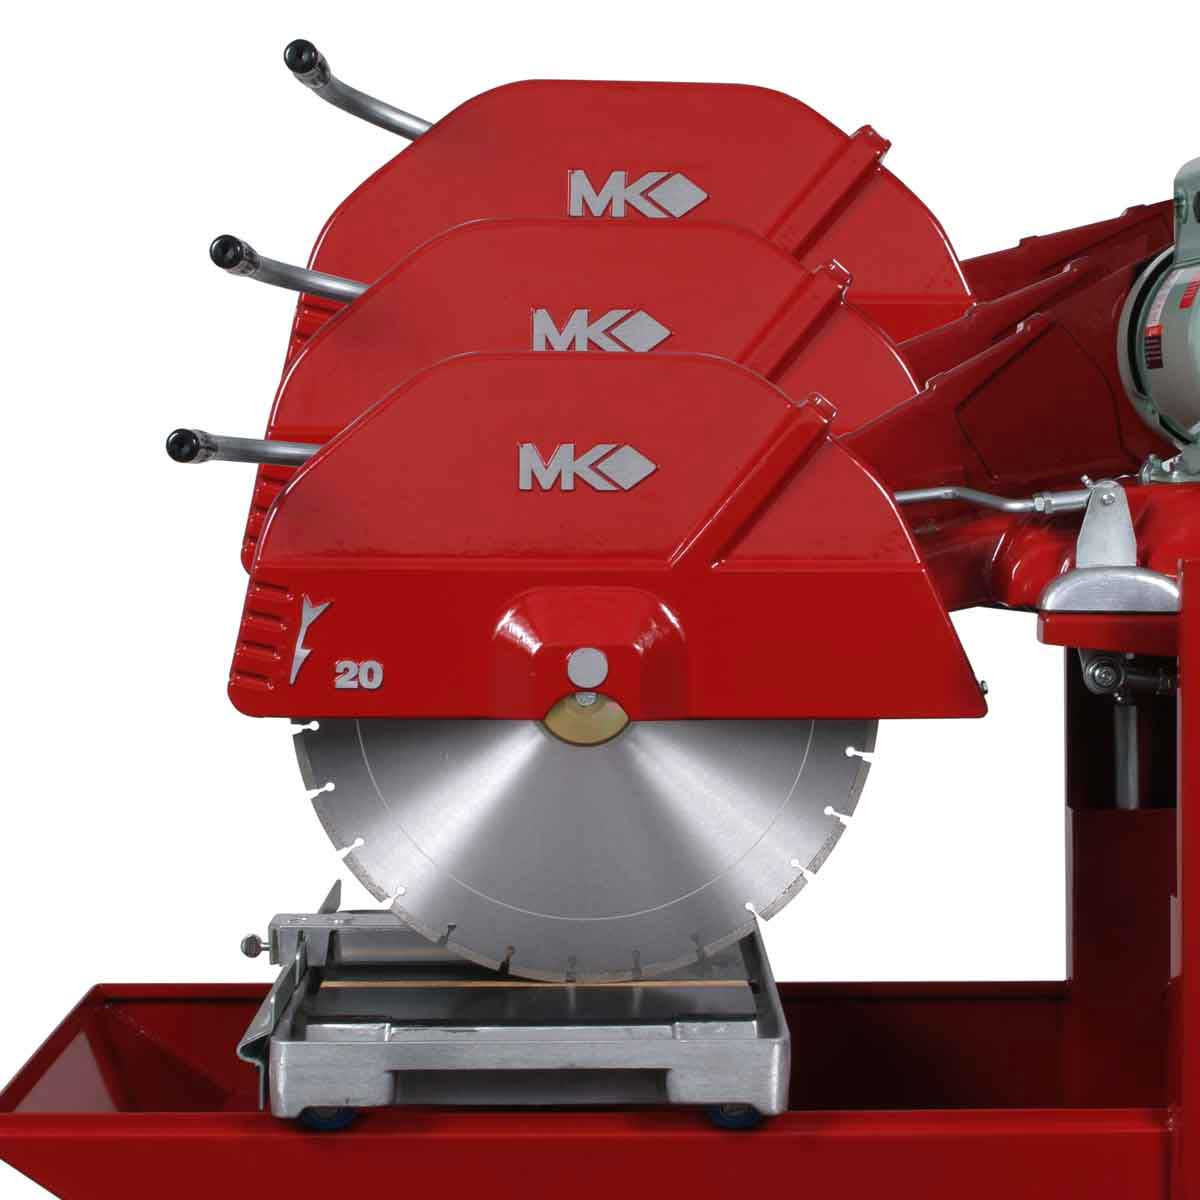 MK-5005 saw forklift bracket